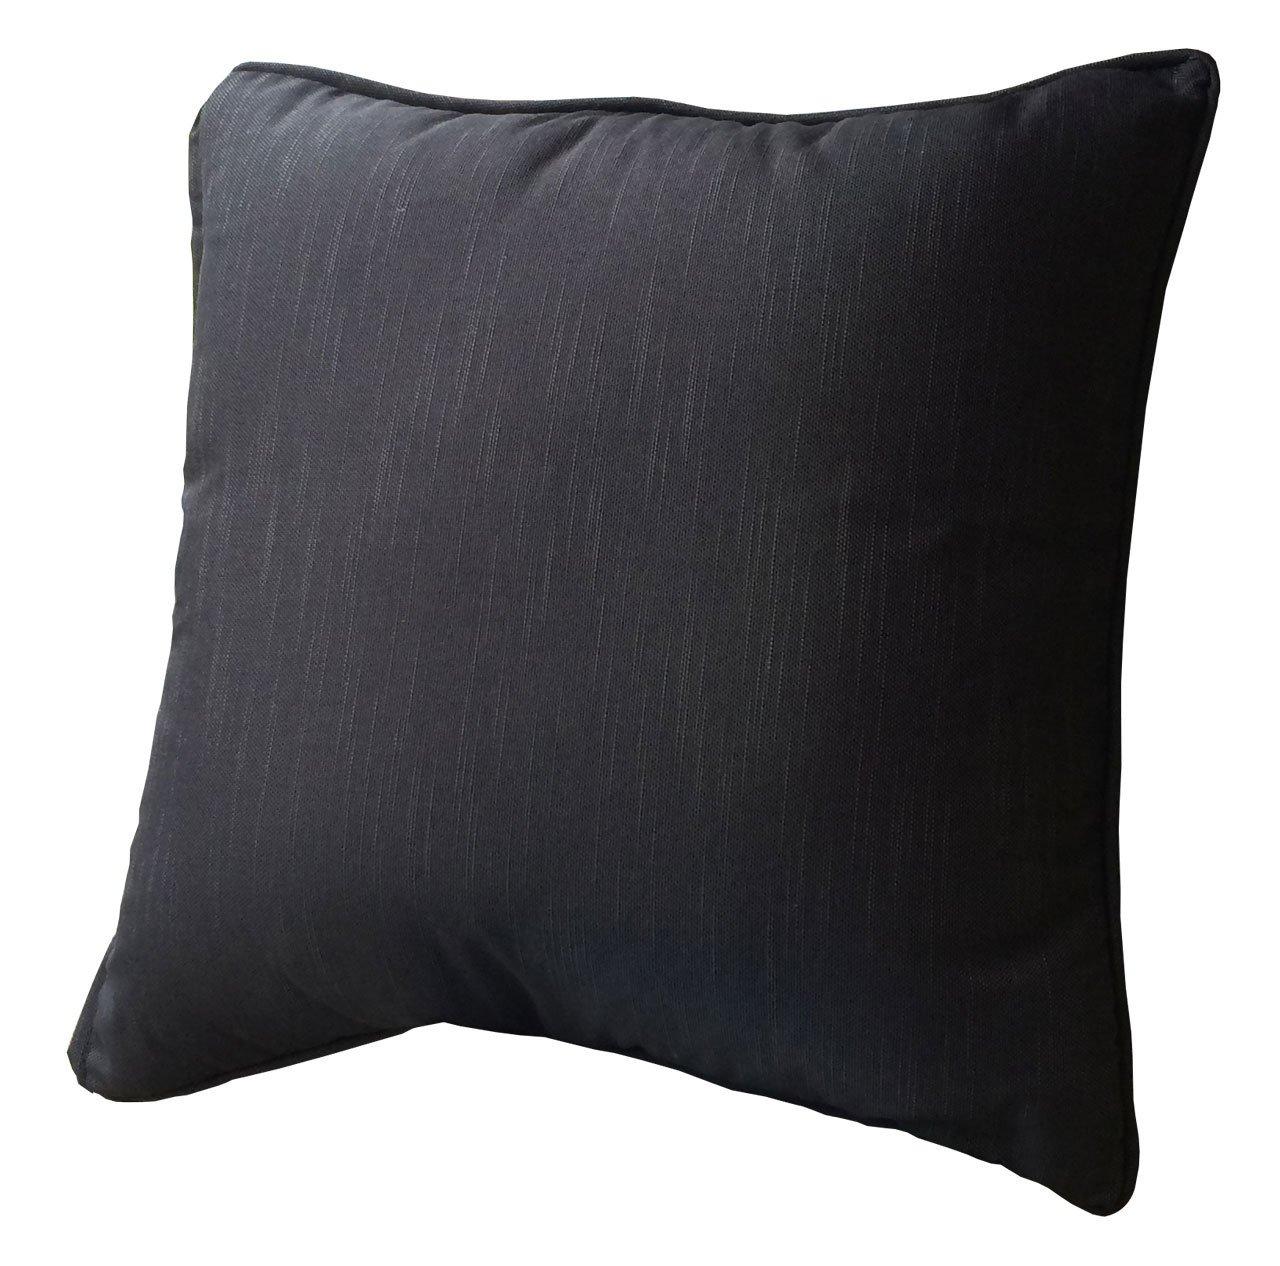 Kissenbezug 60x60cm Schwarz jetzt bestellen